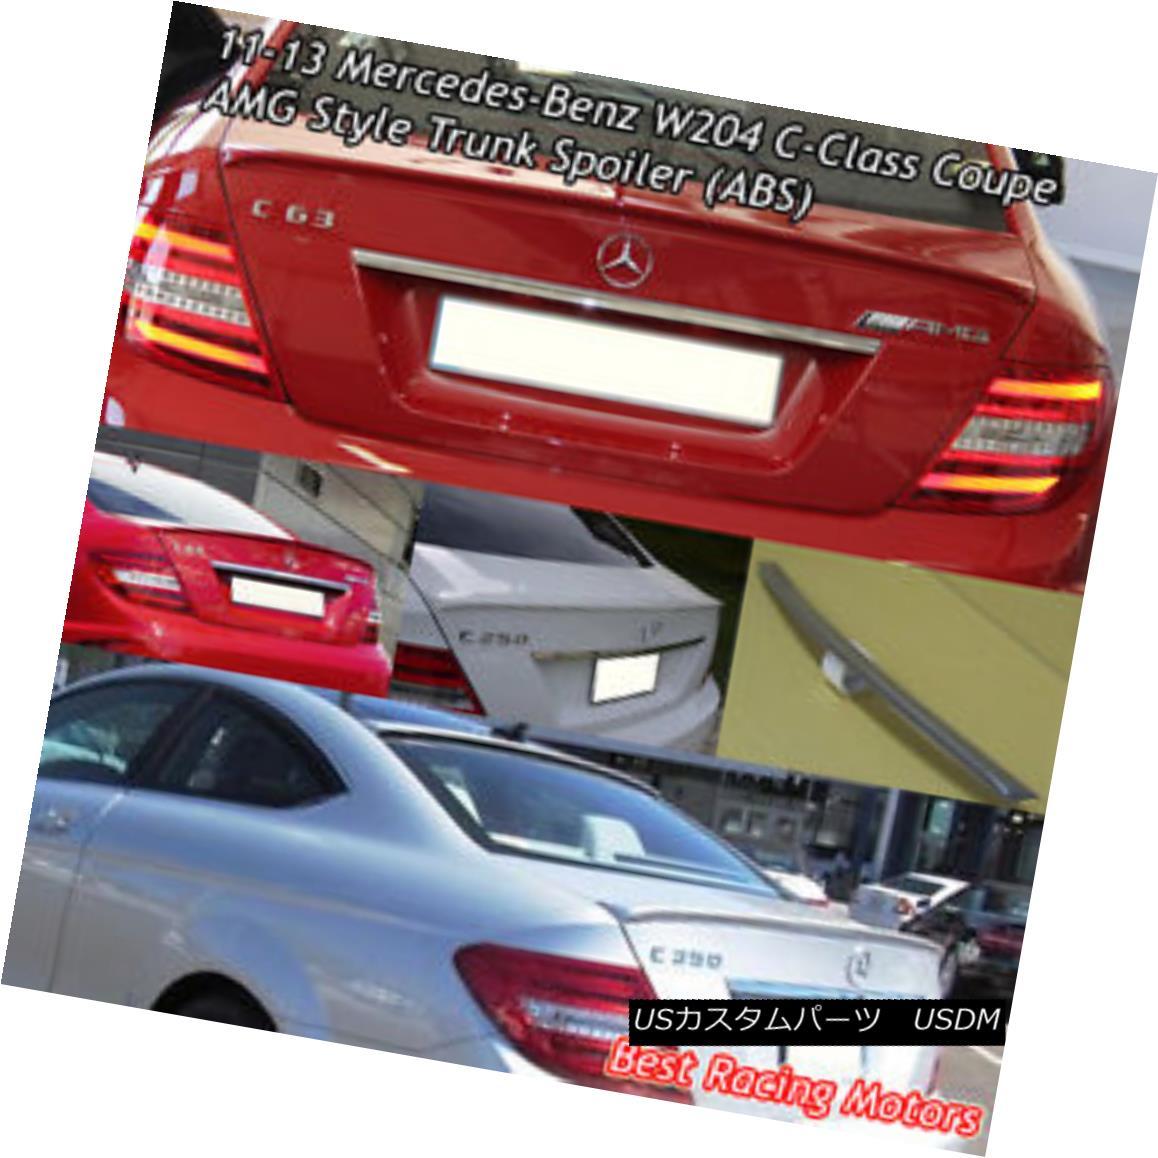 エアロパーツ A Style Trunk Spoiler Wing (ABS) Fits 11-15 Mercedes-Benz W204 C-Class Coupe スタイルトランク・スポイラー・ウィング(ABS)が11-15のメルセデス・ベンツW204 Cクラス・クーペに適合